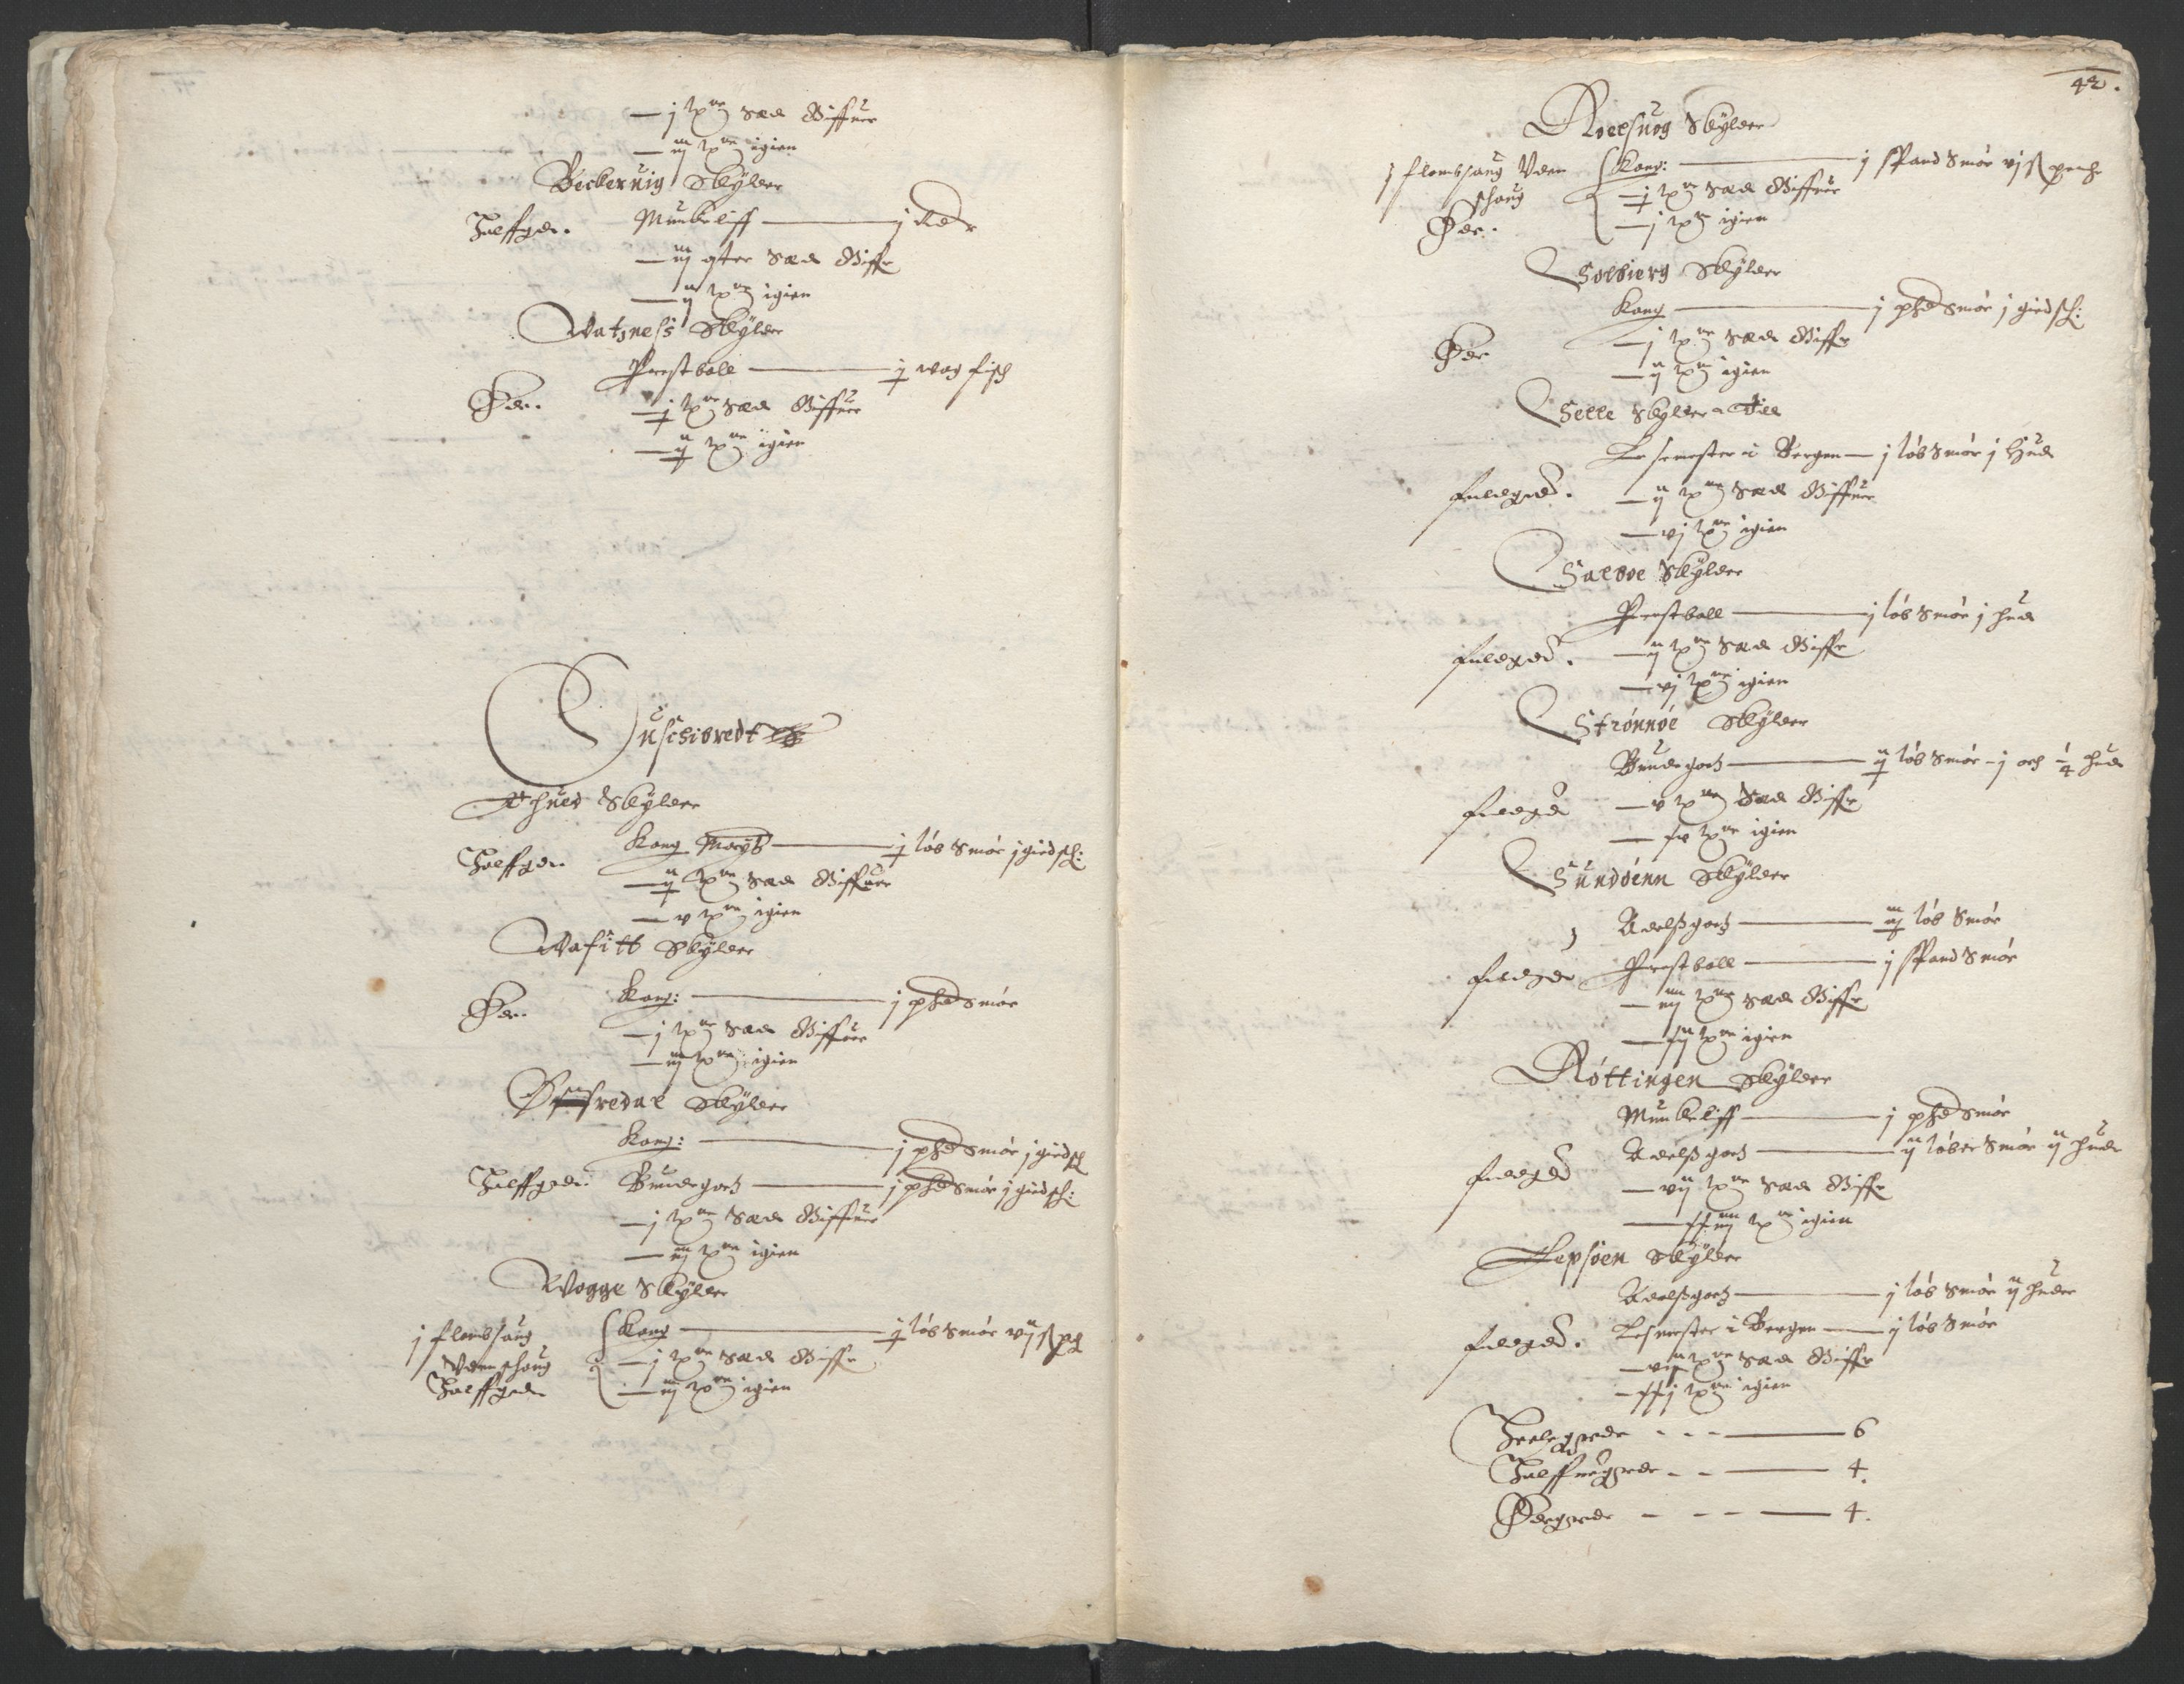 RA, Stattholderembetet 1572-1771, Ek/L0004: Jordebøker til utlikning av garnisonsskatt 1624-1626:, 1626, s. 46